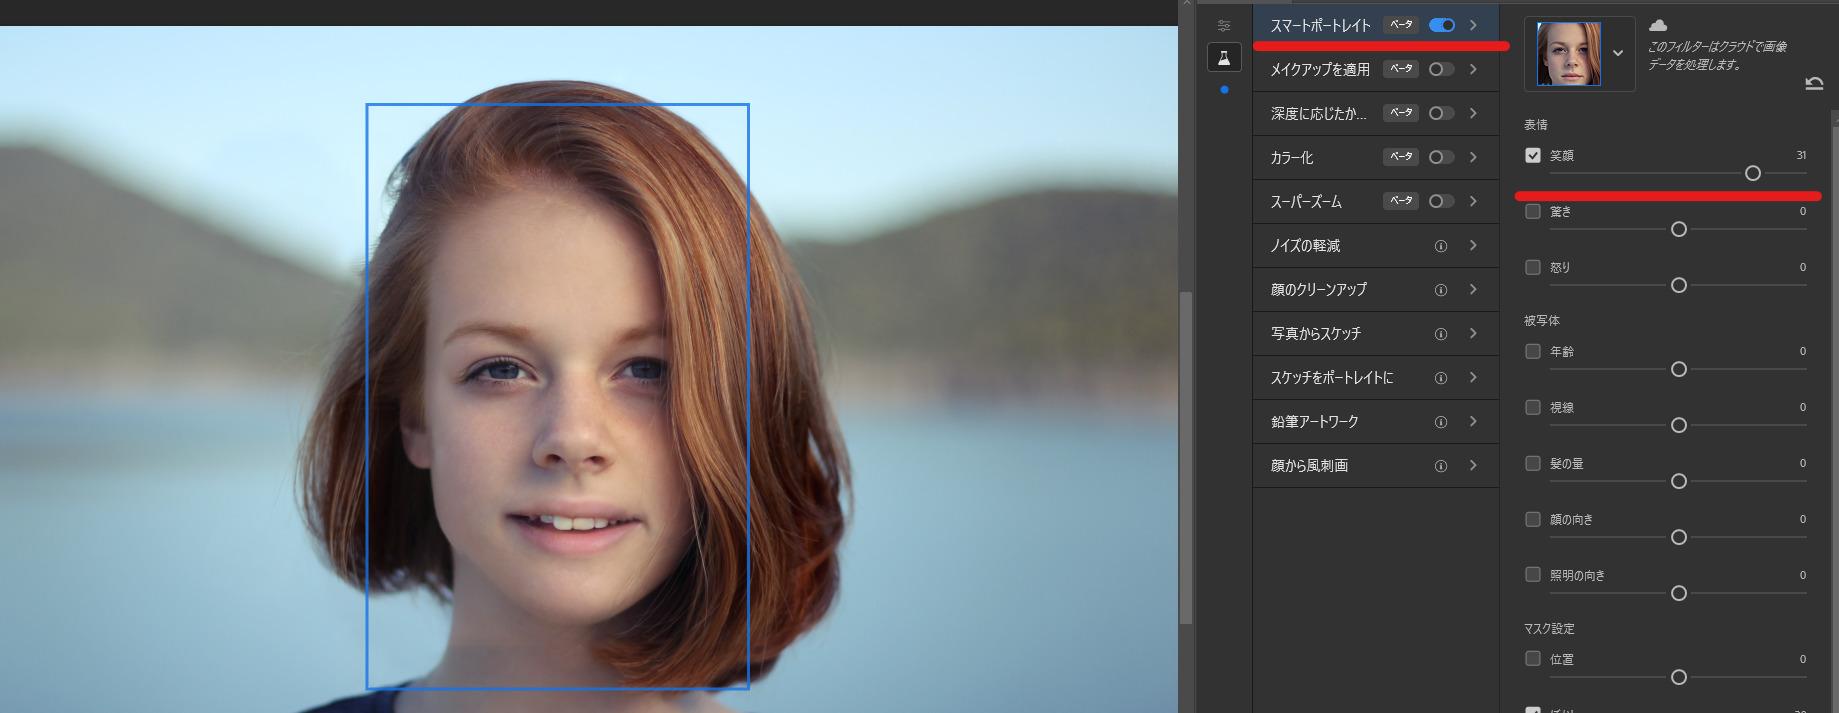 AIを搭載したPhotoshopの力で顔の表情を変える【ニューラルフィルター】